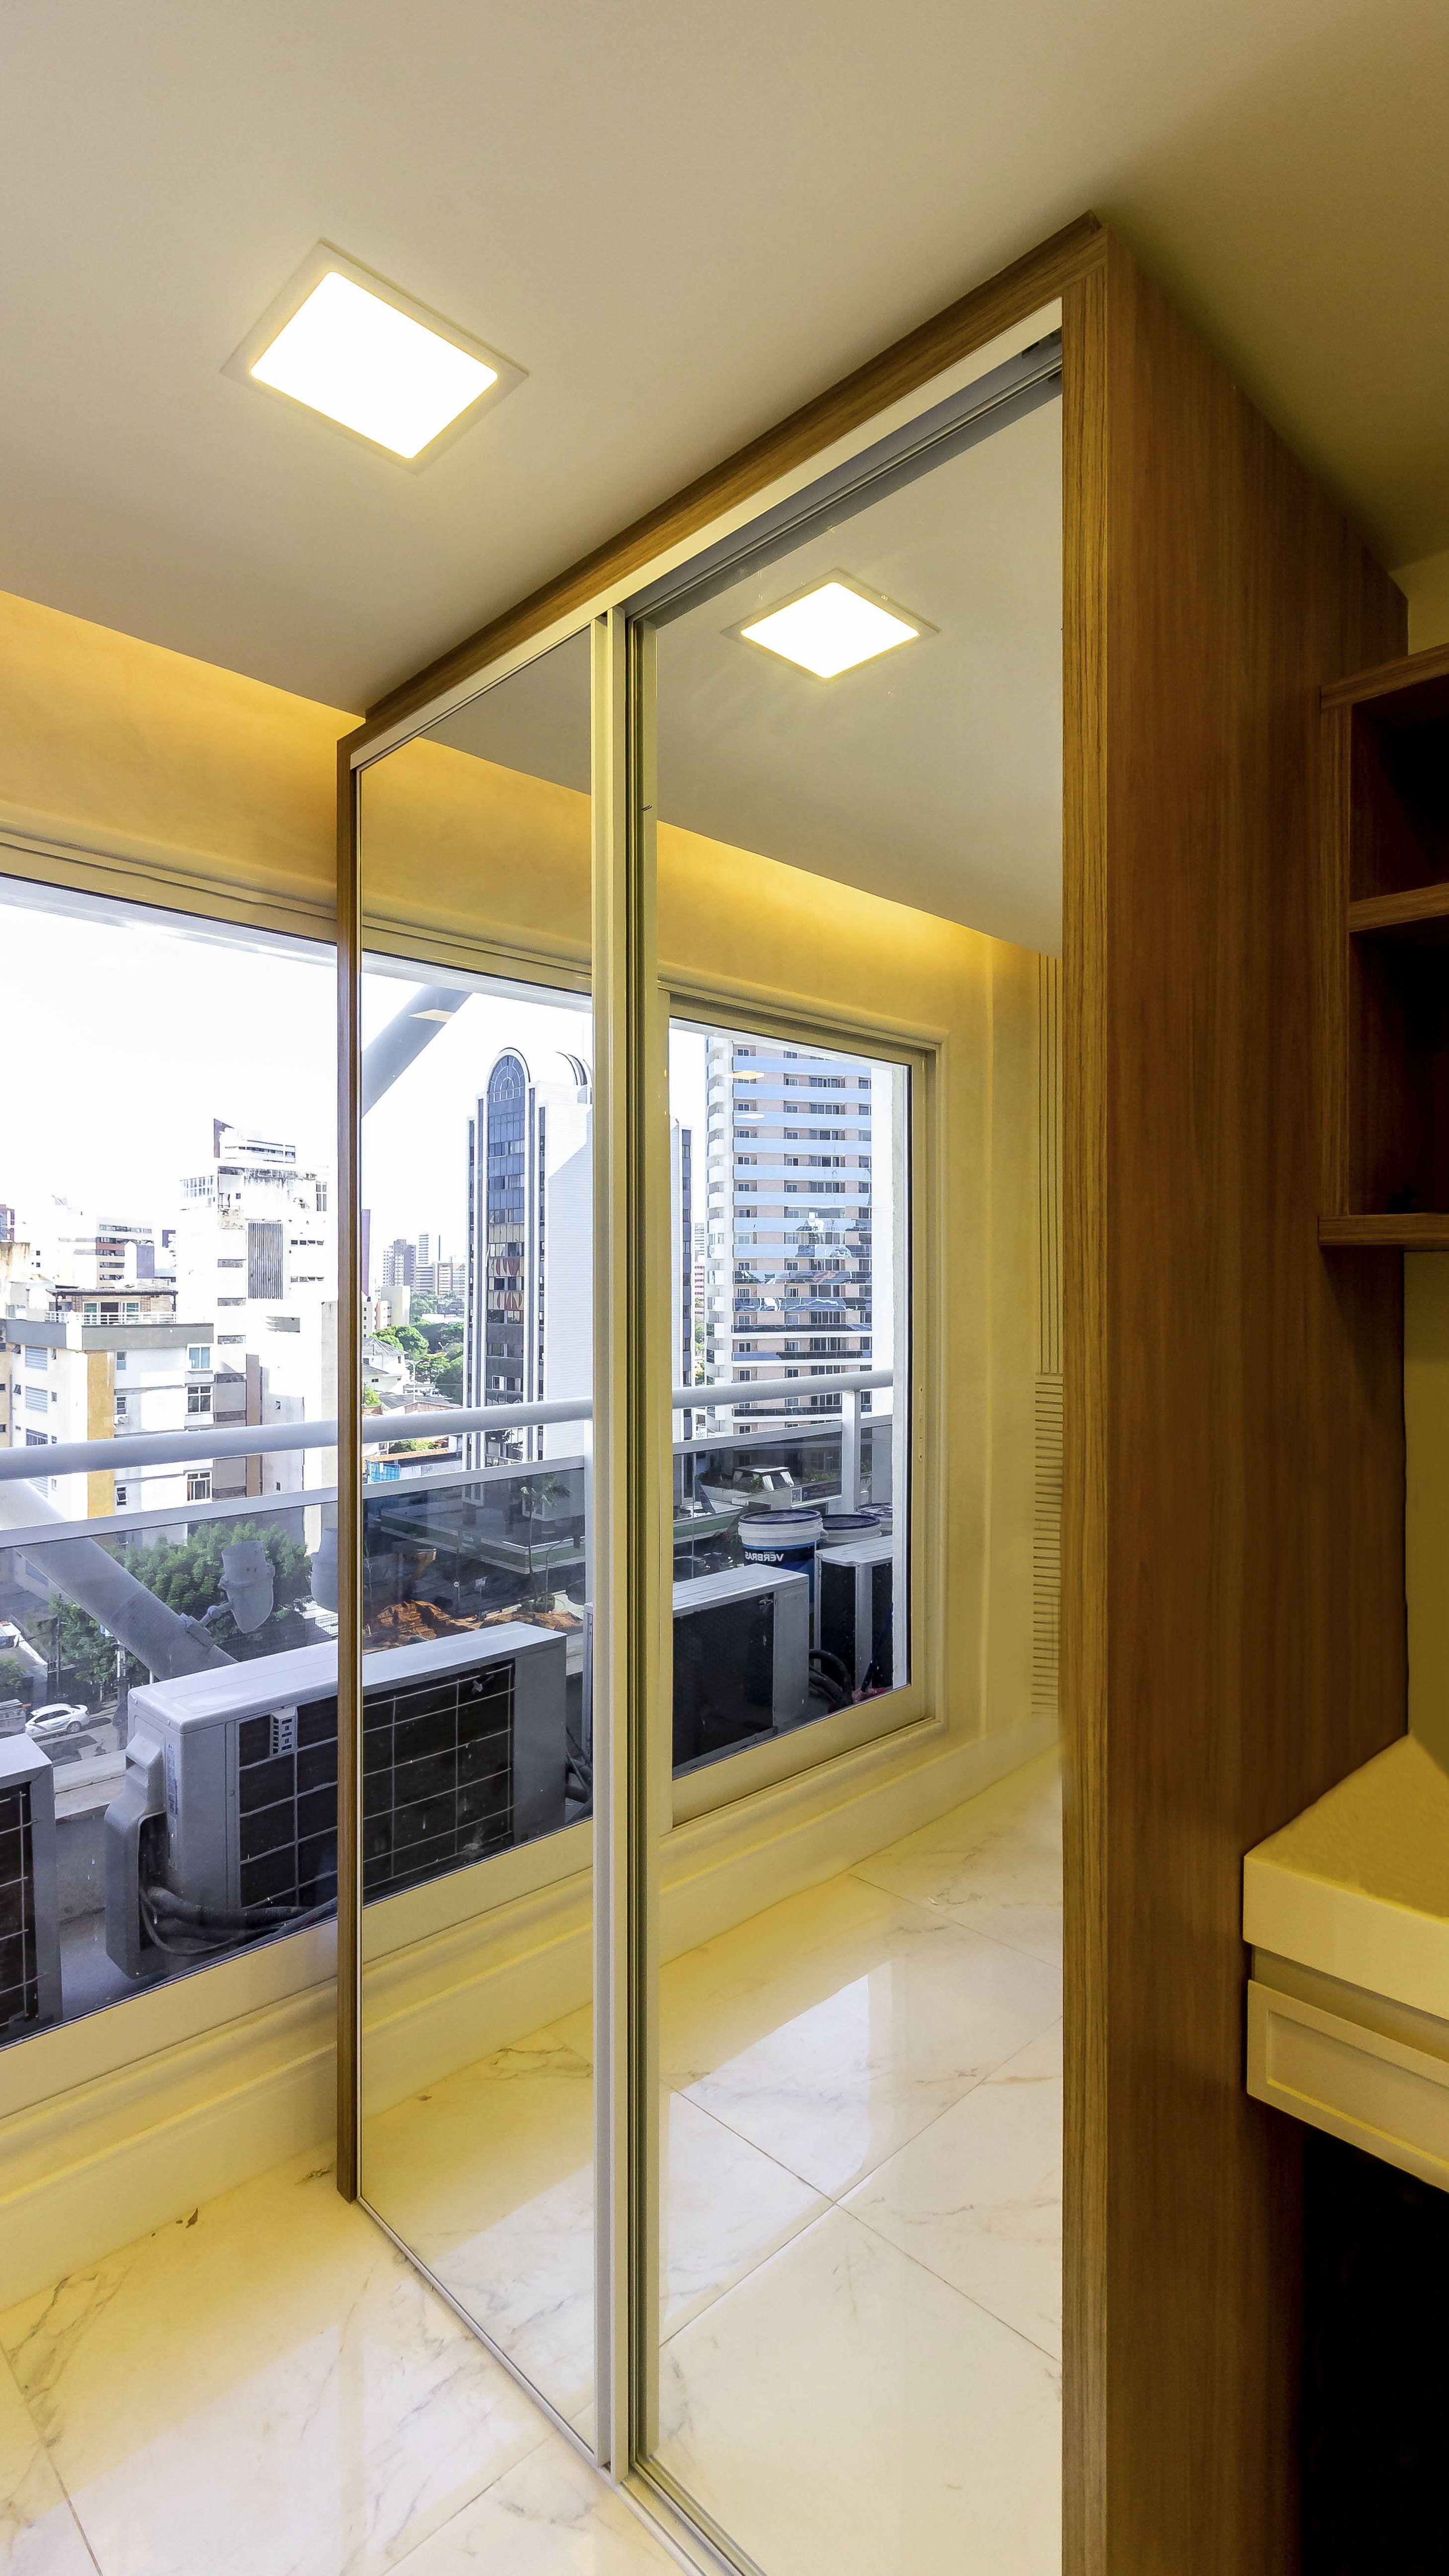 Armário Moderno Com Espelho Nas Portas Armário Moderno Moveis Projetados Perfil De Aluminio